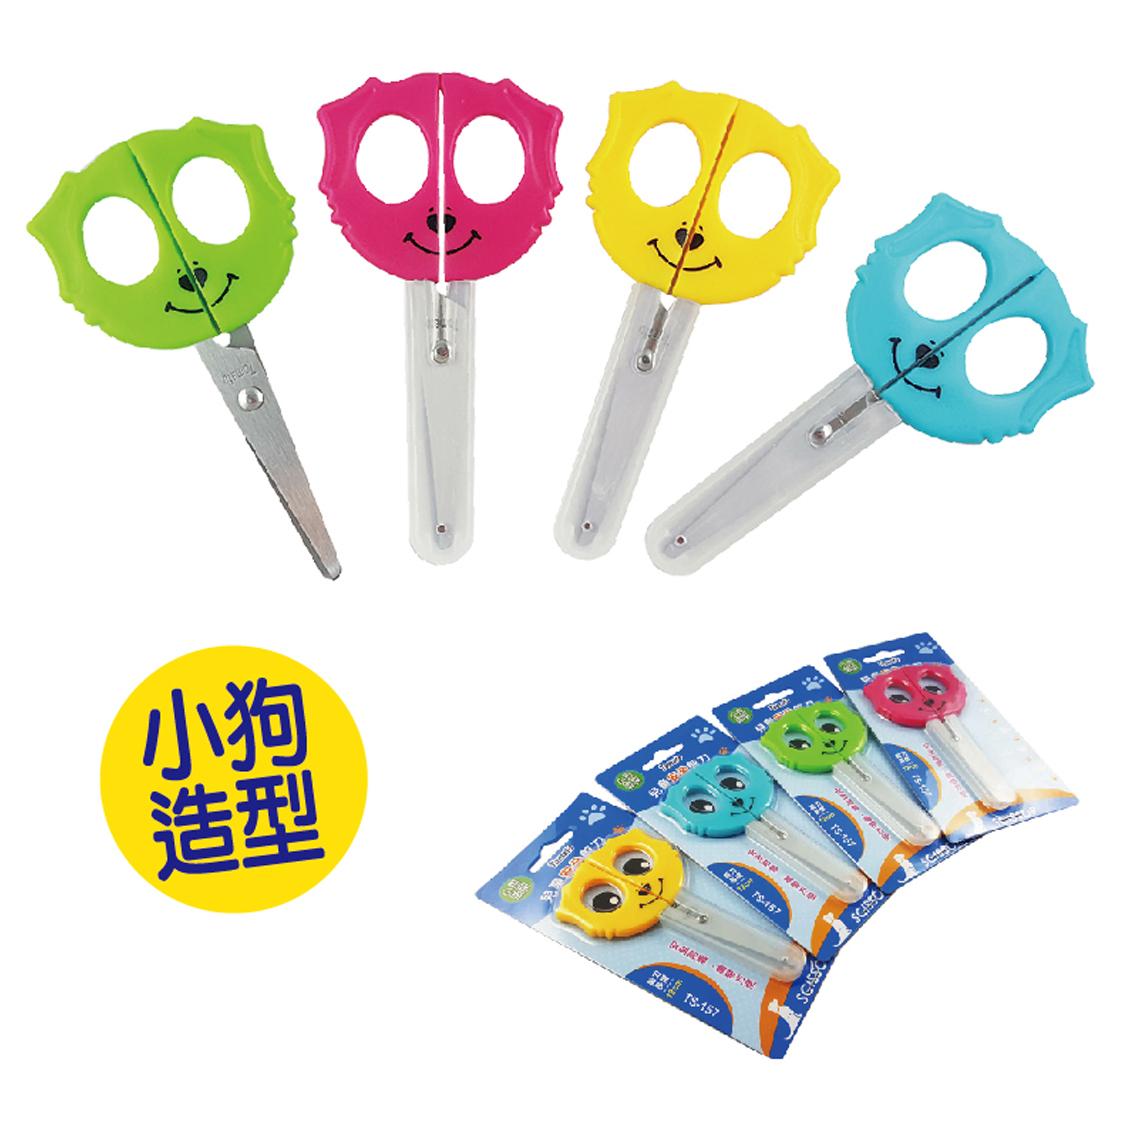 兒童安全剪刀(小狗造型)